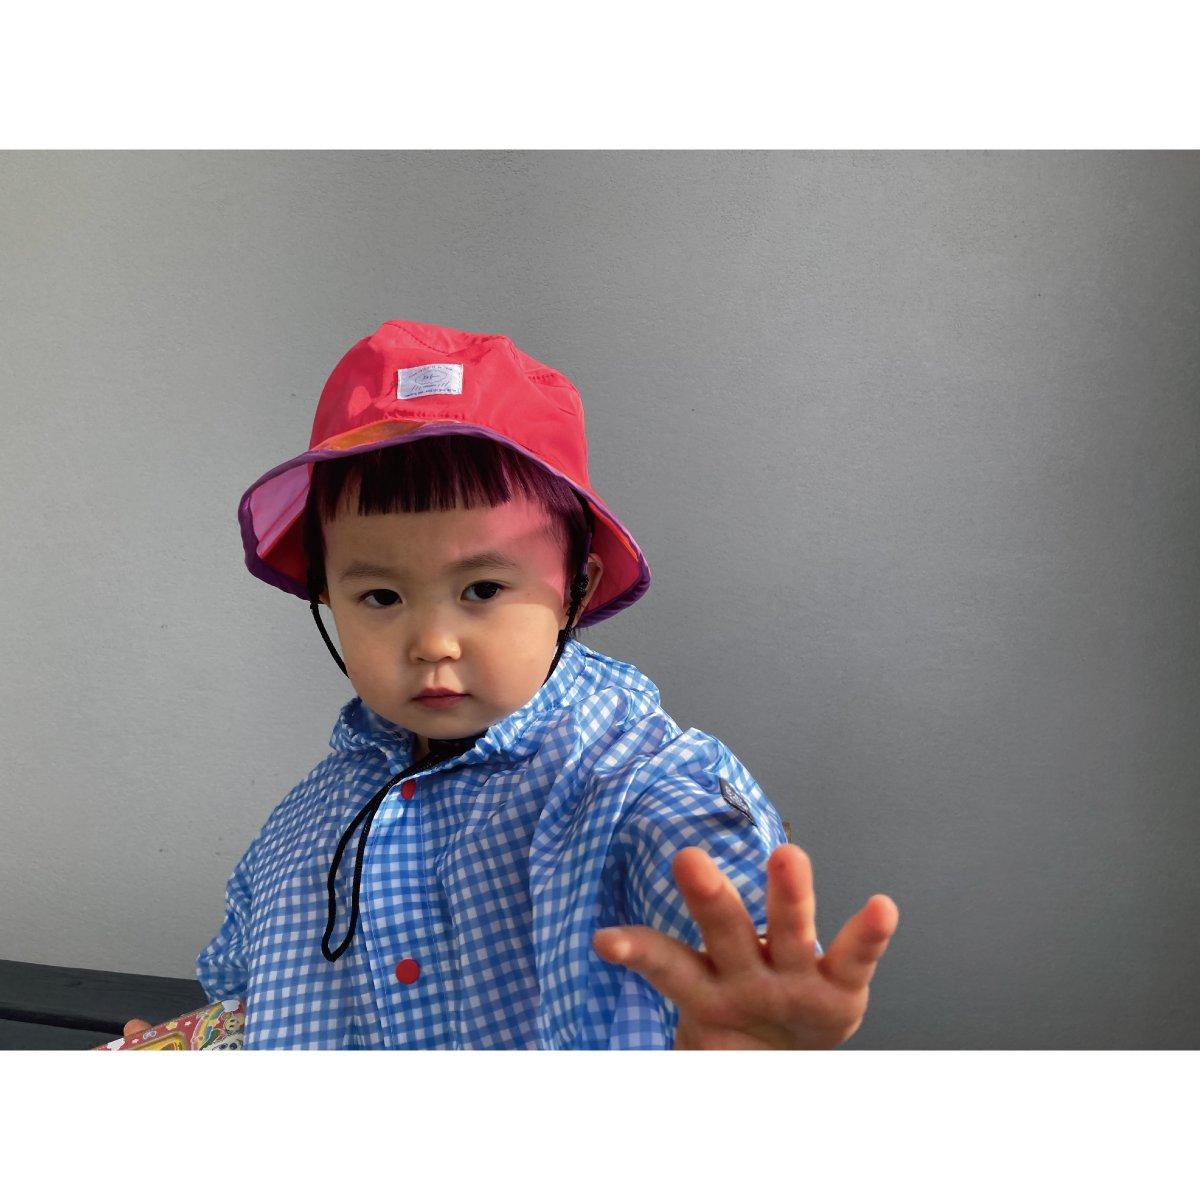 【KIDS】Rain PVC Hat 詳細画像20